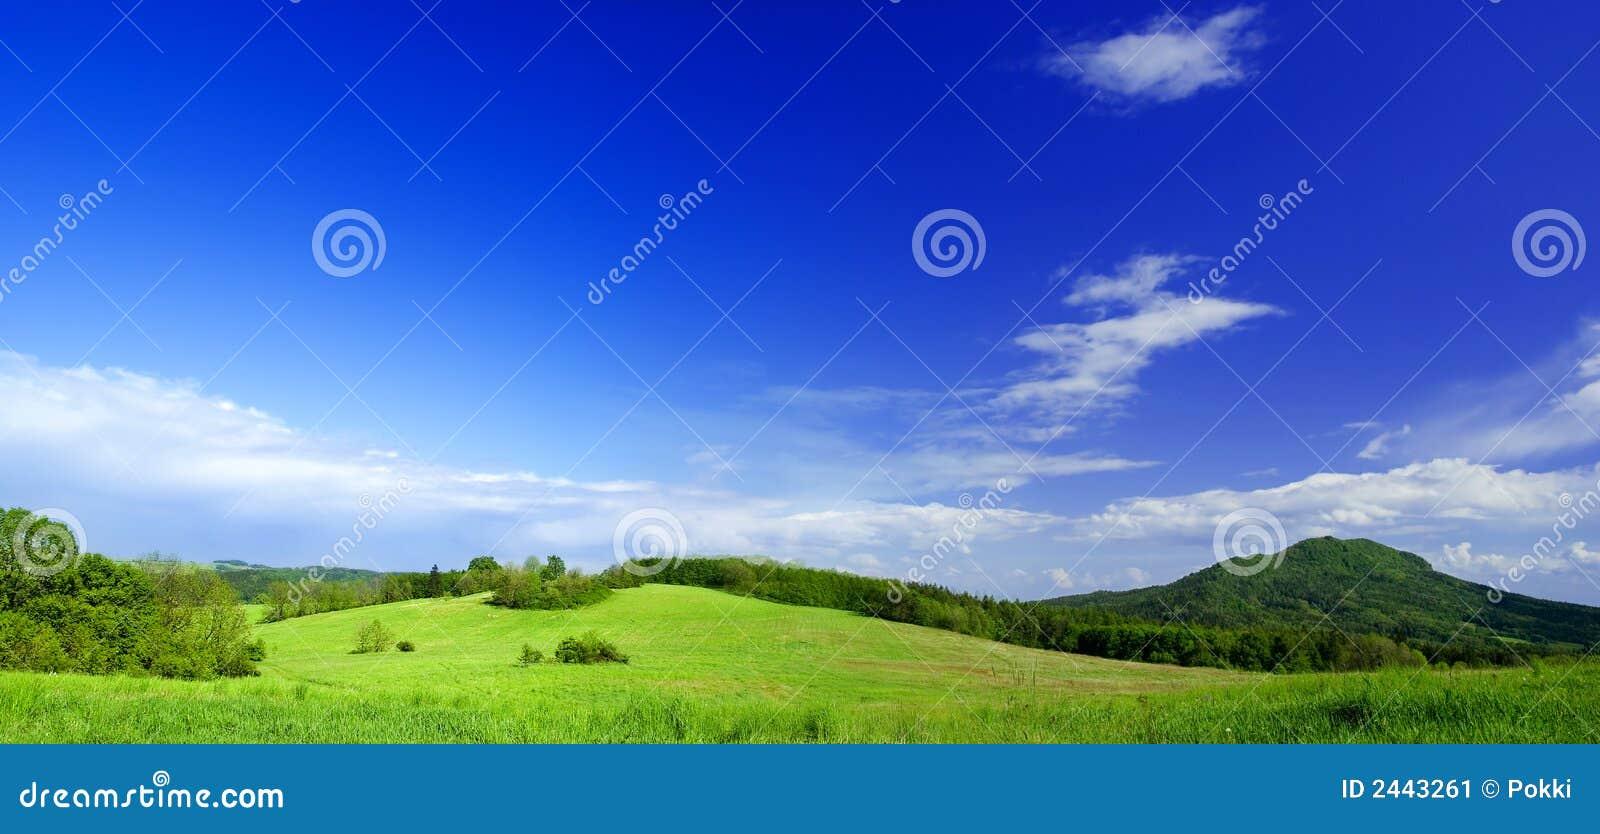 草甸全景照片